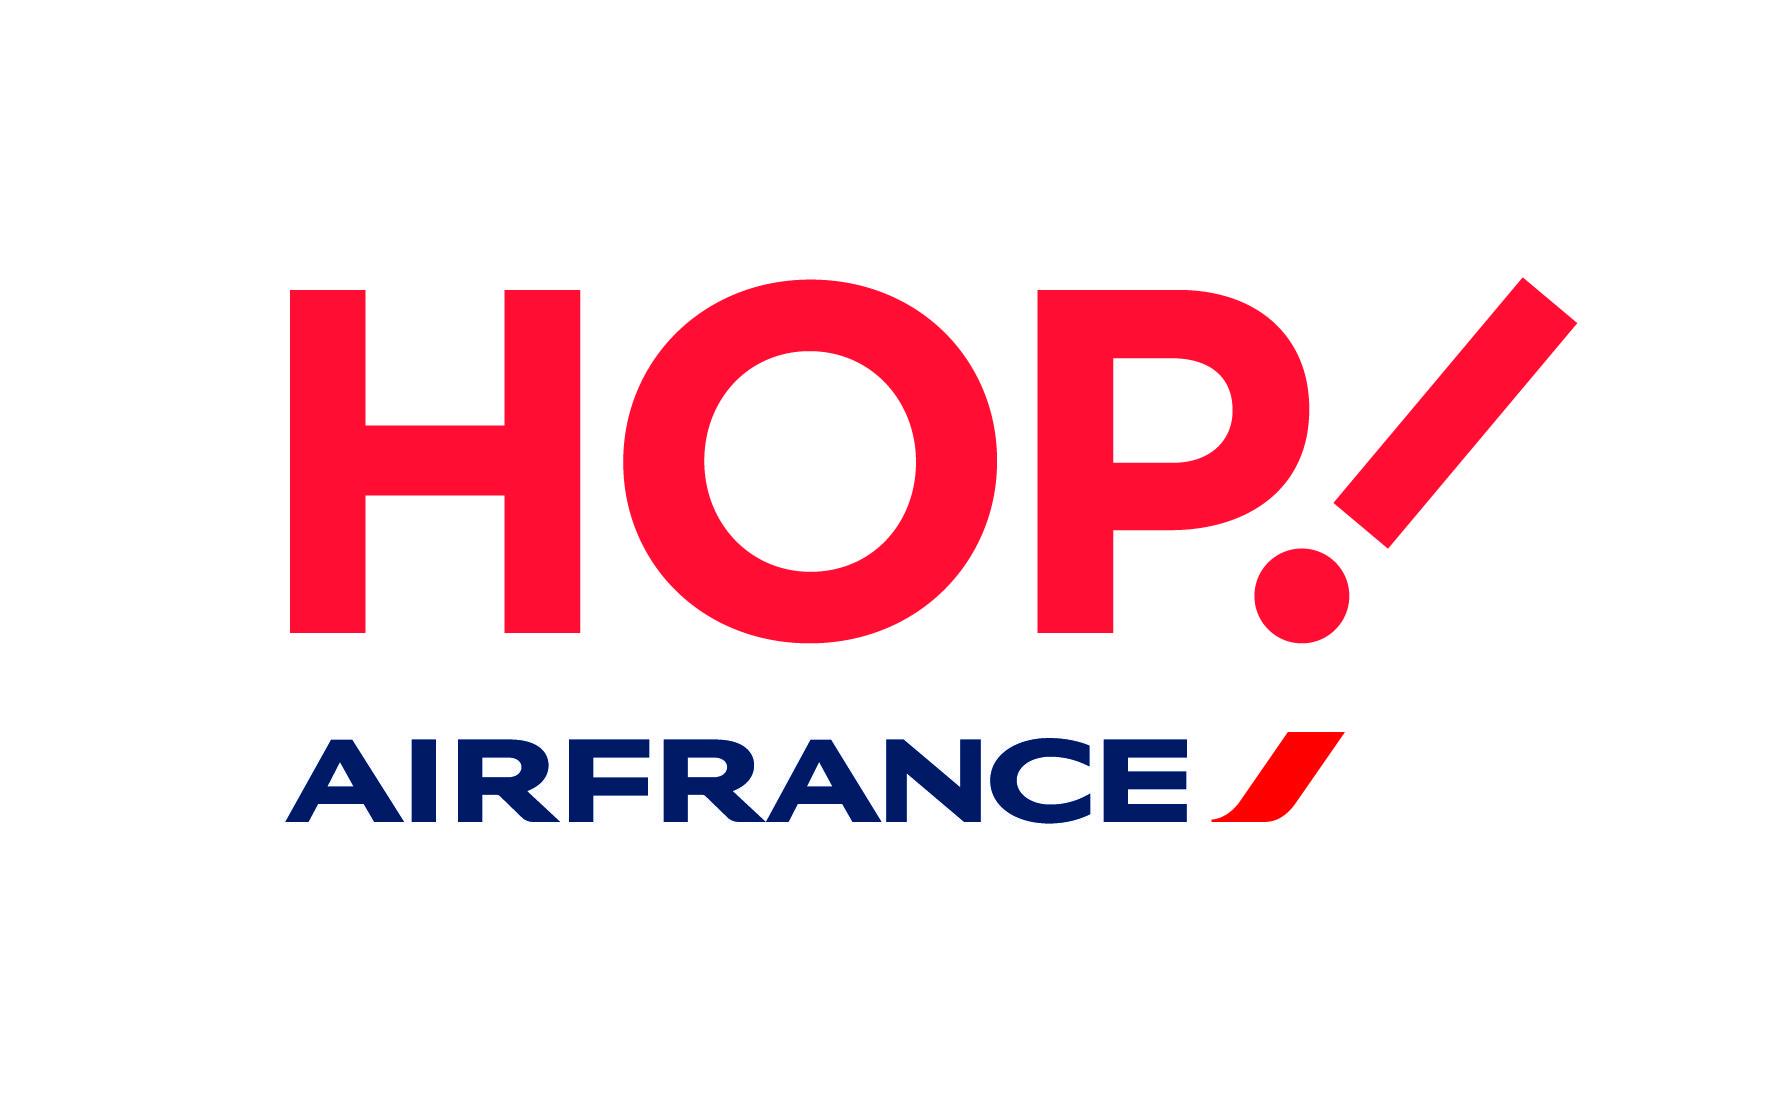 Hopairfrance